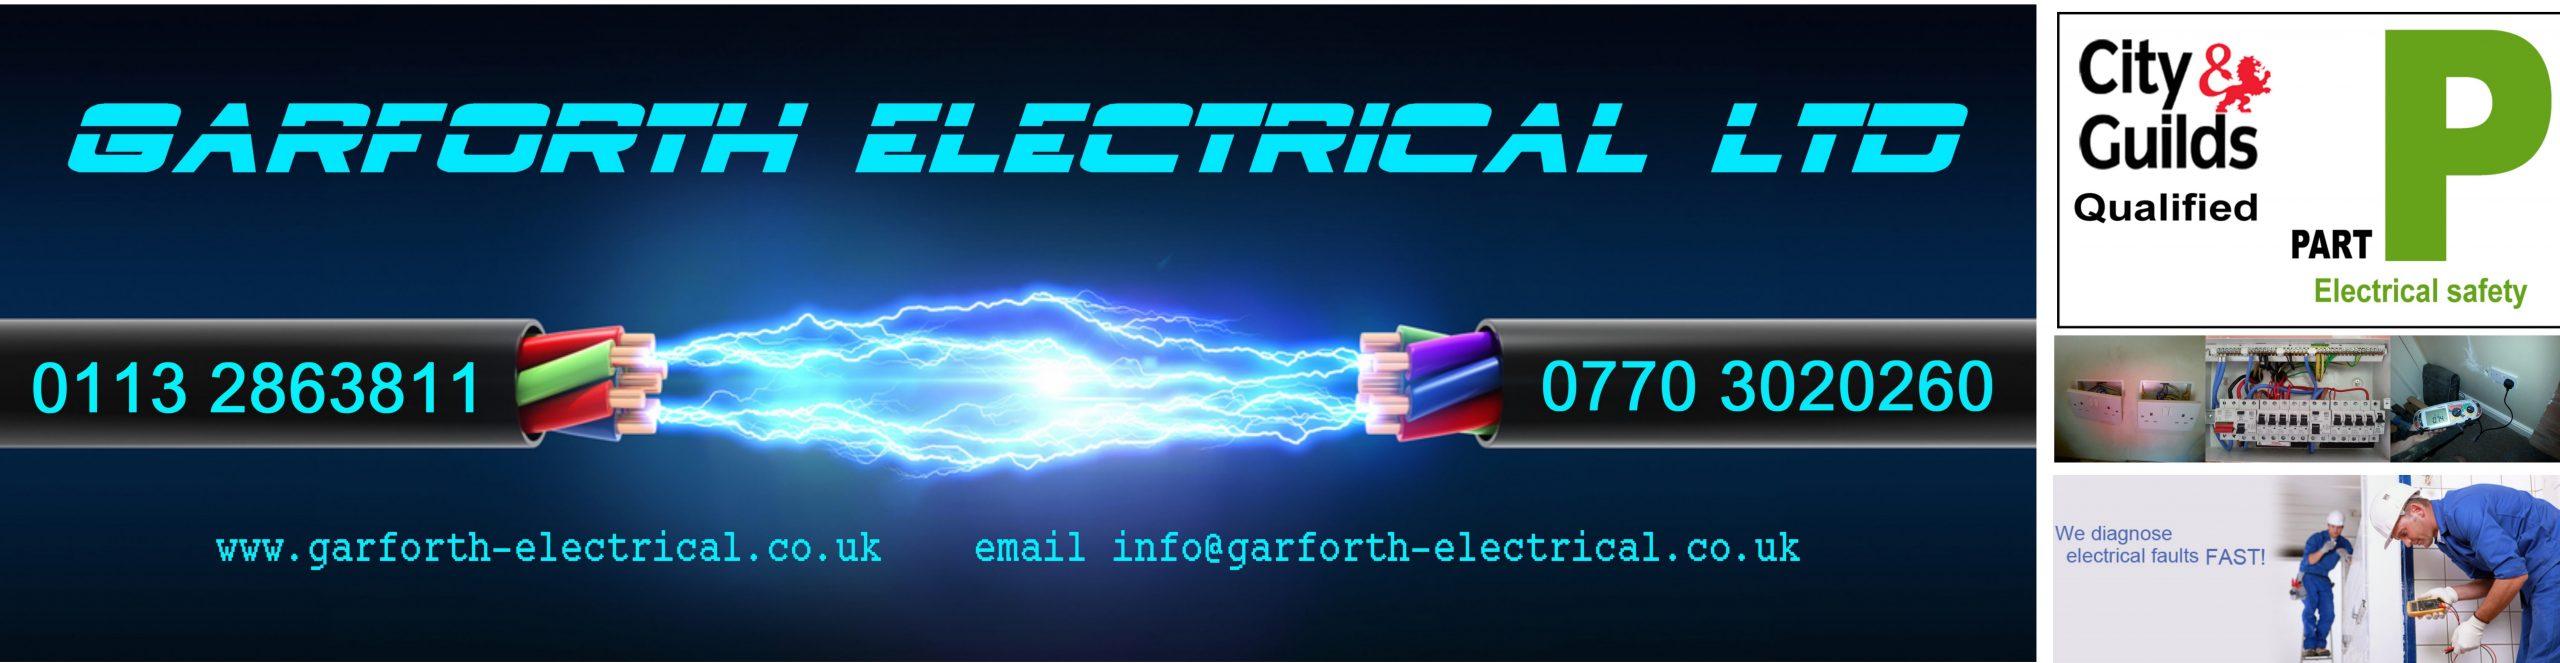 Garforth Electrical Ltd, Electrician Garforth 0113 2863811